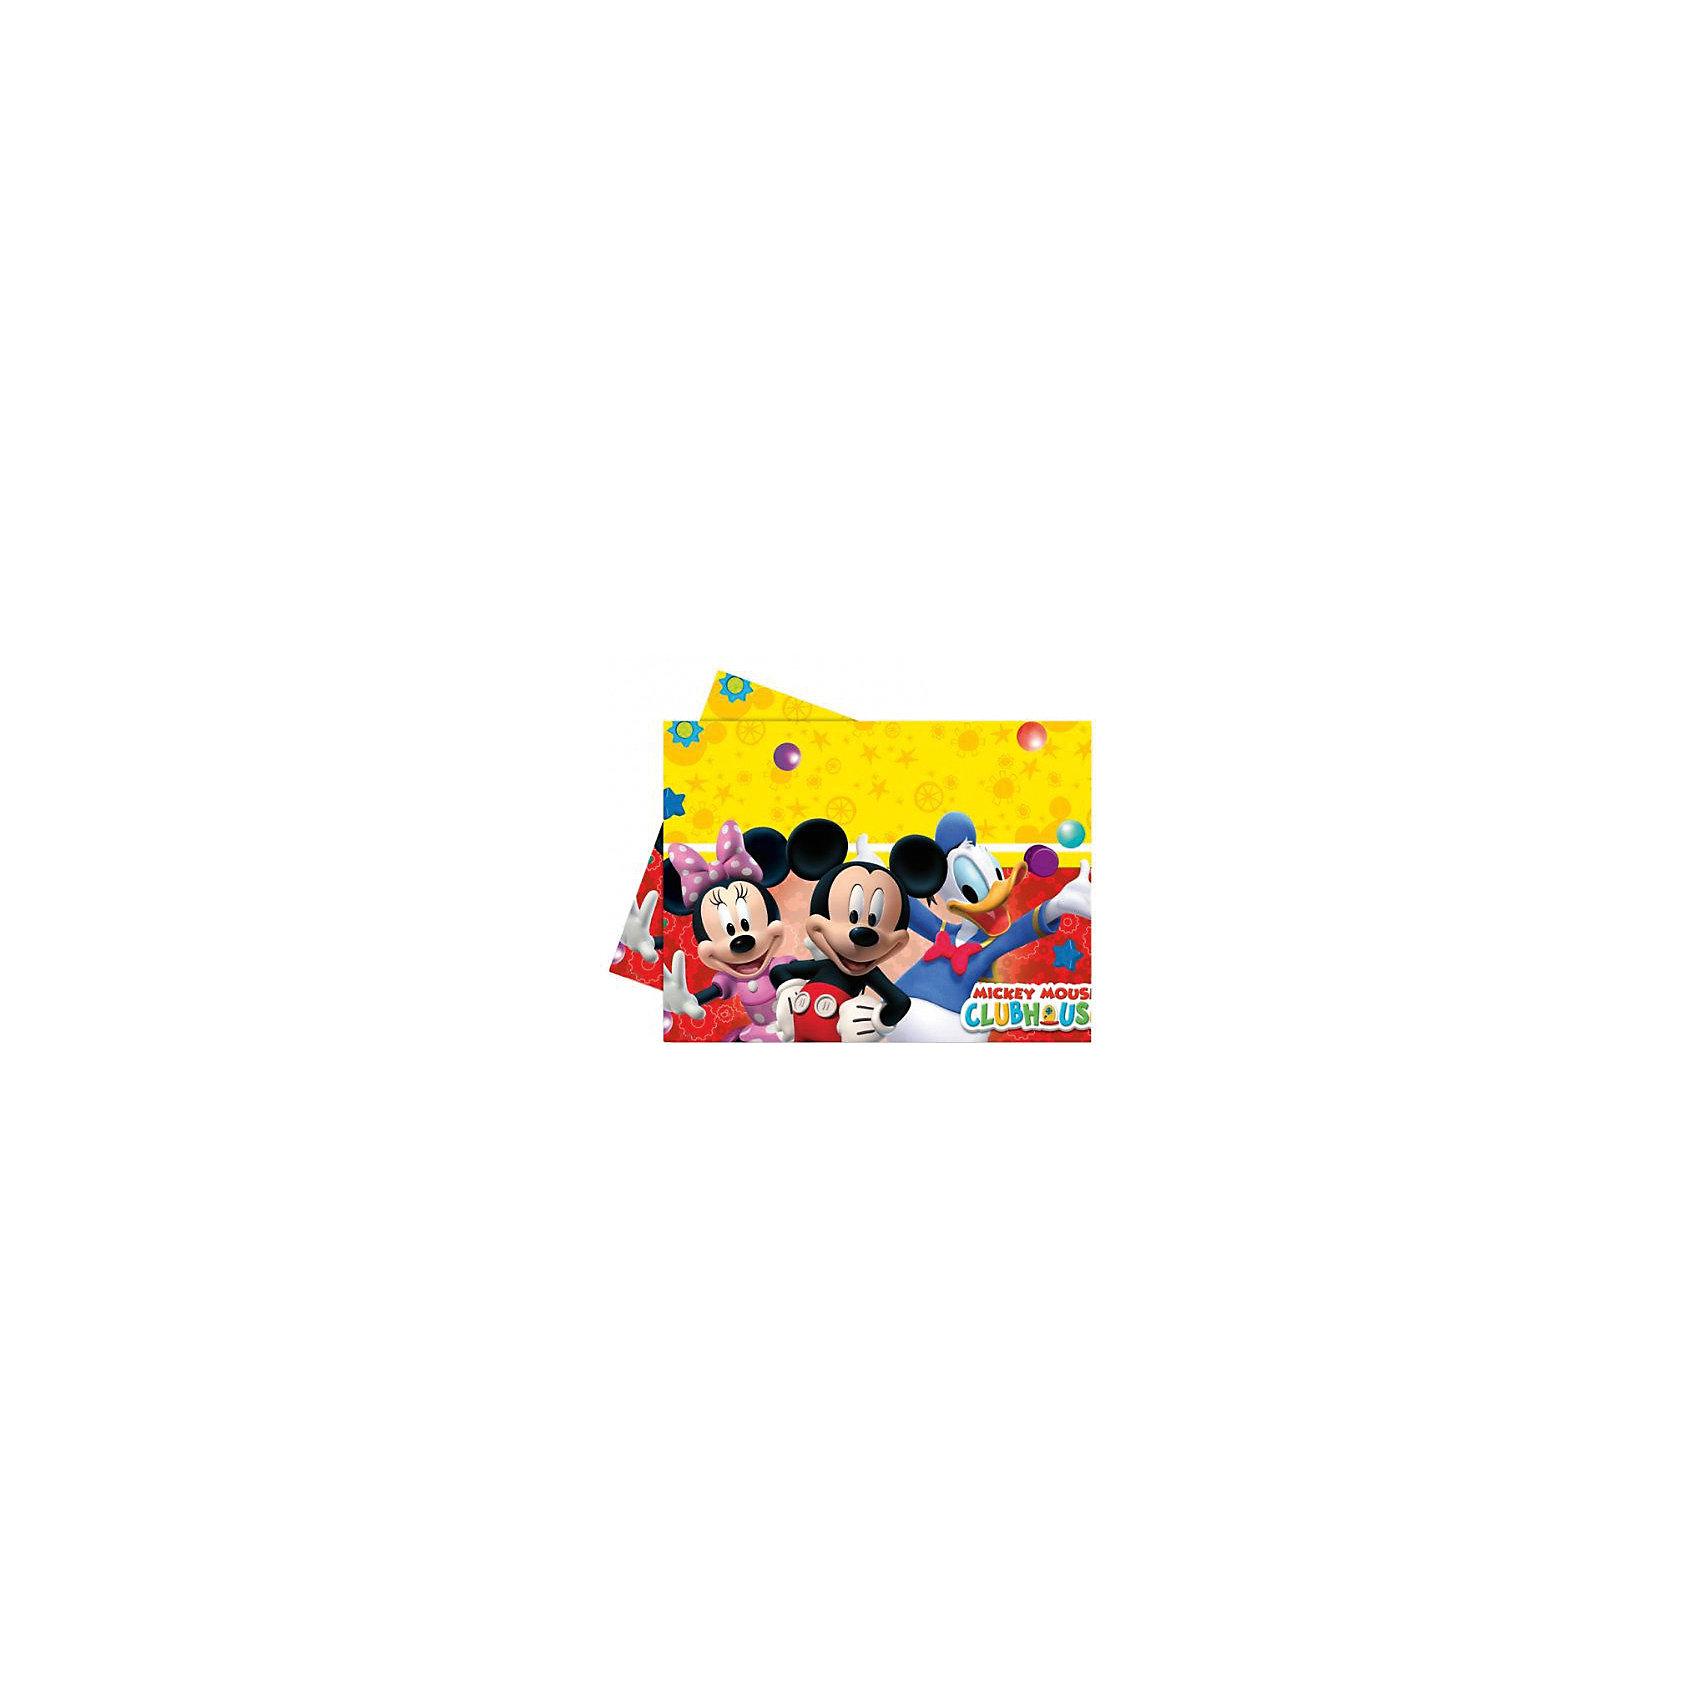 Скатерть  Веселый Микки 120x180 смВсё для праздника<br>Характеристики товара:<br><br>• возраст: от 3 лет;<br>• упаковка: пакет;<br>• размер упаковки: 37х21х0,5 см.;<br>• количество в упаковке: 1 шт.;<br>• размер скатерти: 120х180 см.;<br>• цвет: желтый с рисунком;<br>• материал: полипропилен ;<br>• бренд, страна: Procos, Россия;<br>• страна-производитель: Греция<br><br>Скатерть «Веселый Микки» - отлично подойдет для вчеринки в Диснеевском стиле, она гармонично впишется в праздничную атмосферу, а яркие изображения веселых Минни, Микки и Дональд Дака помогут поднять настроение гостей.<br><br>Товары для праздника, созданные компанией Procos, отличаются высоким качеством используемого материала.<br><br>Скатерть «Веселый Микки», 120х180 см., 1 шт., Procos (Прокос)  можно купить в нашем интернет-магазине.<br><br>Ширина мм: 2<br>Глубина мм: 210<br>Высота мм: 370<br>Вес г: 10<br>Возраст от месяцев: 36<br>Возраст до месяцев: 120<br>Пол: Унисекс<br>Возраст: Детский<br>SKU: 6914341